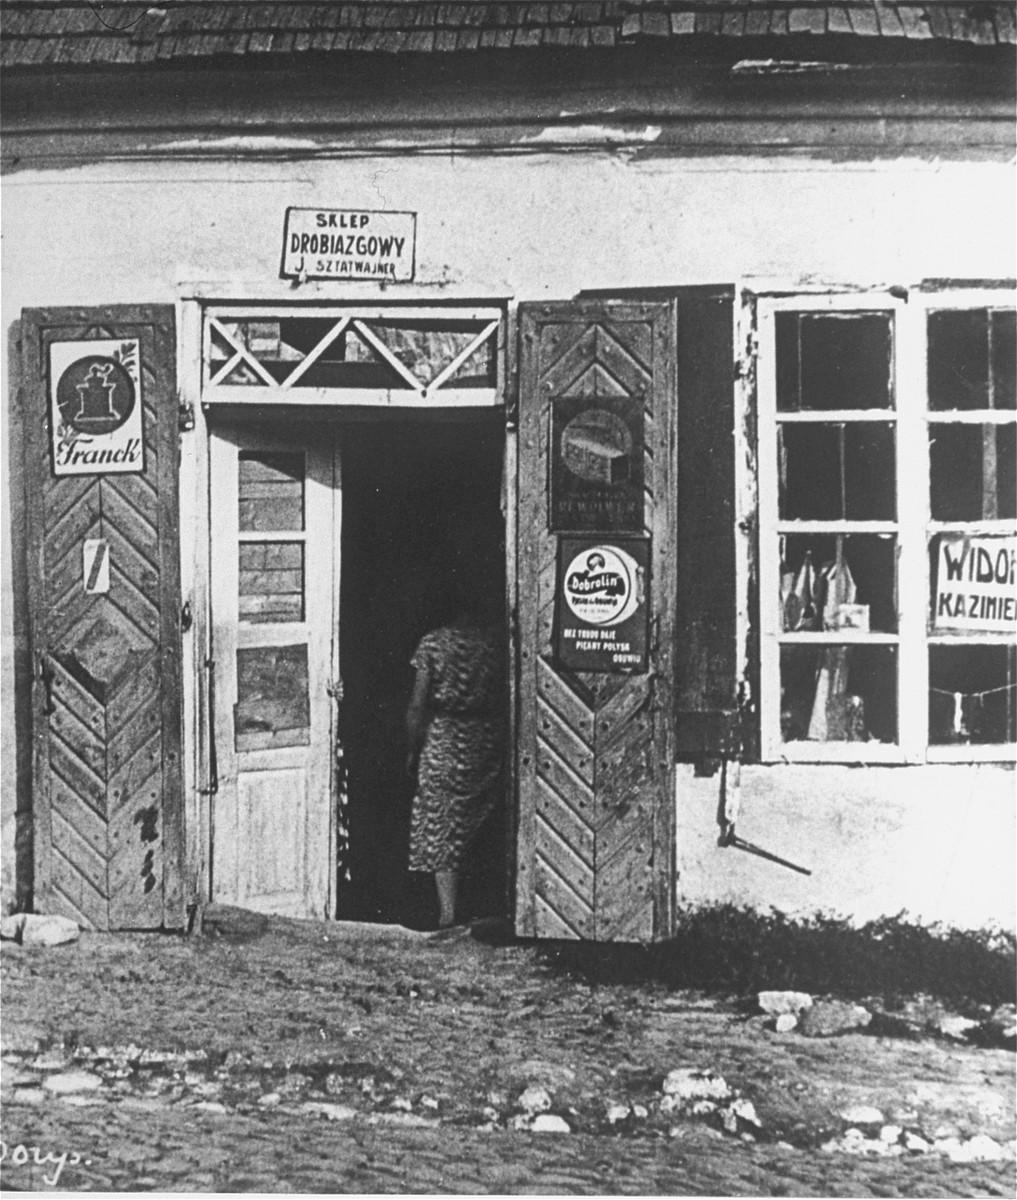 View of a Jewish business in Kazimierz.